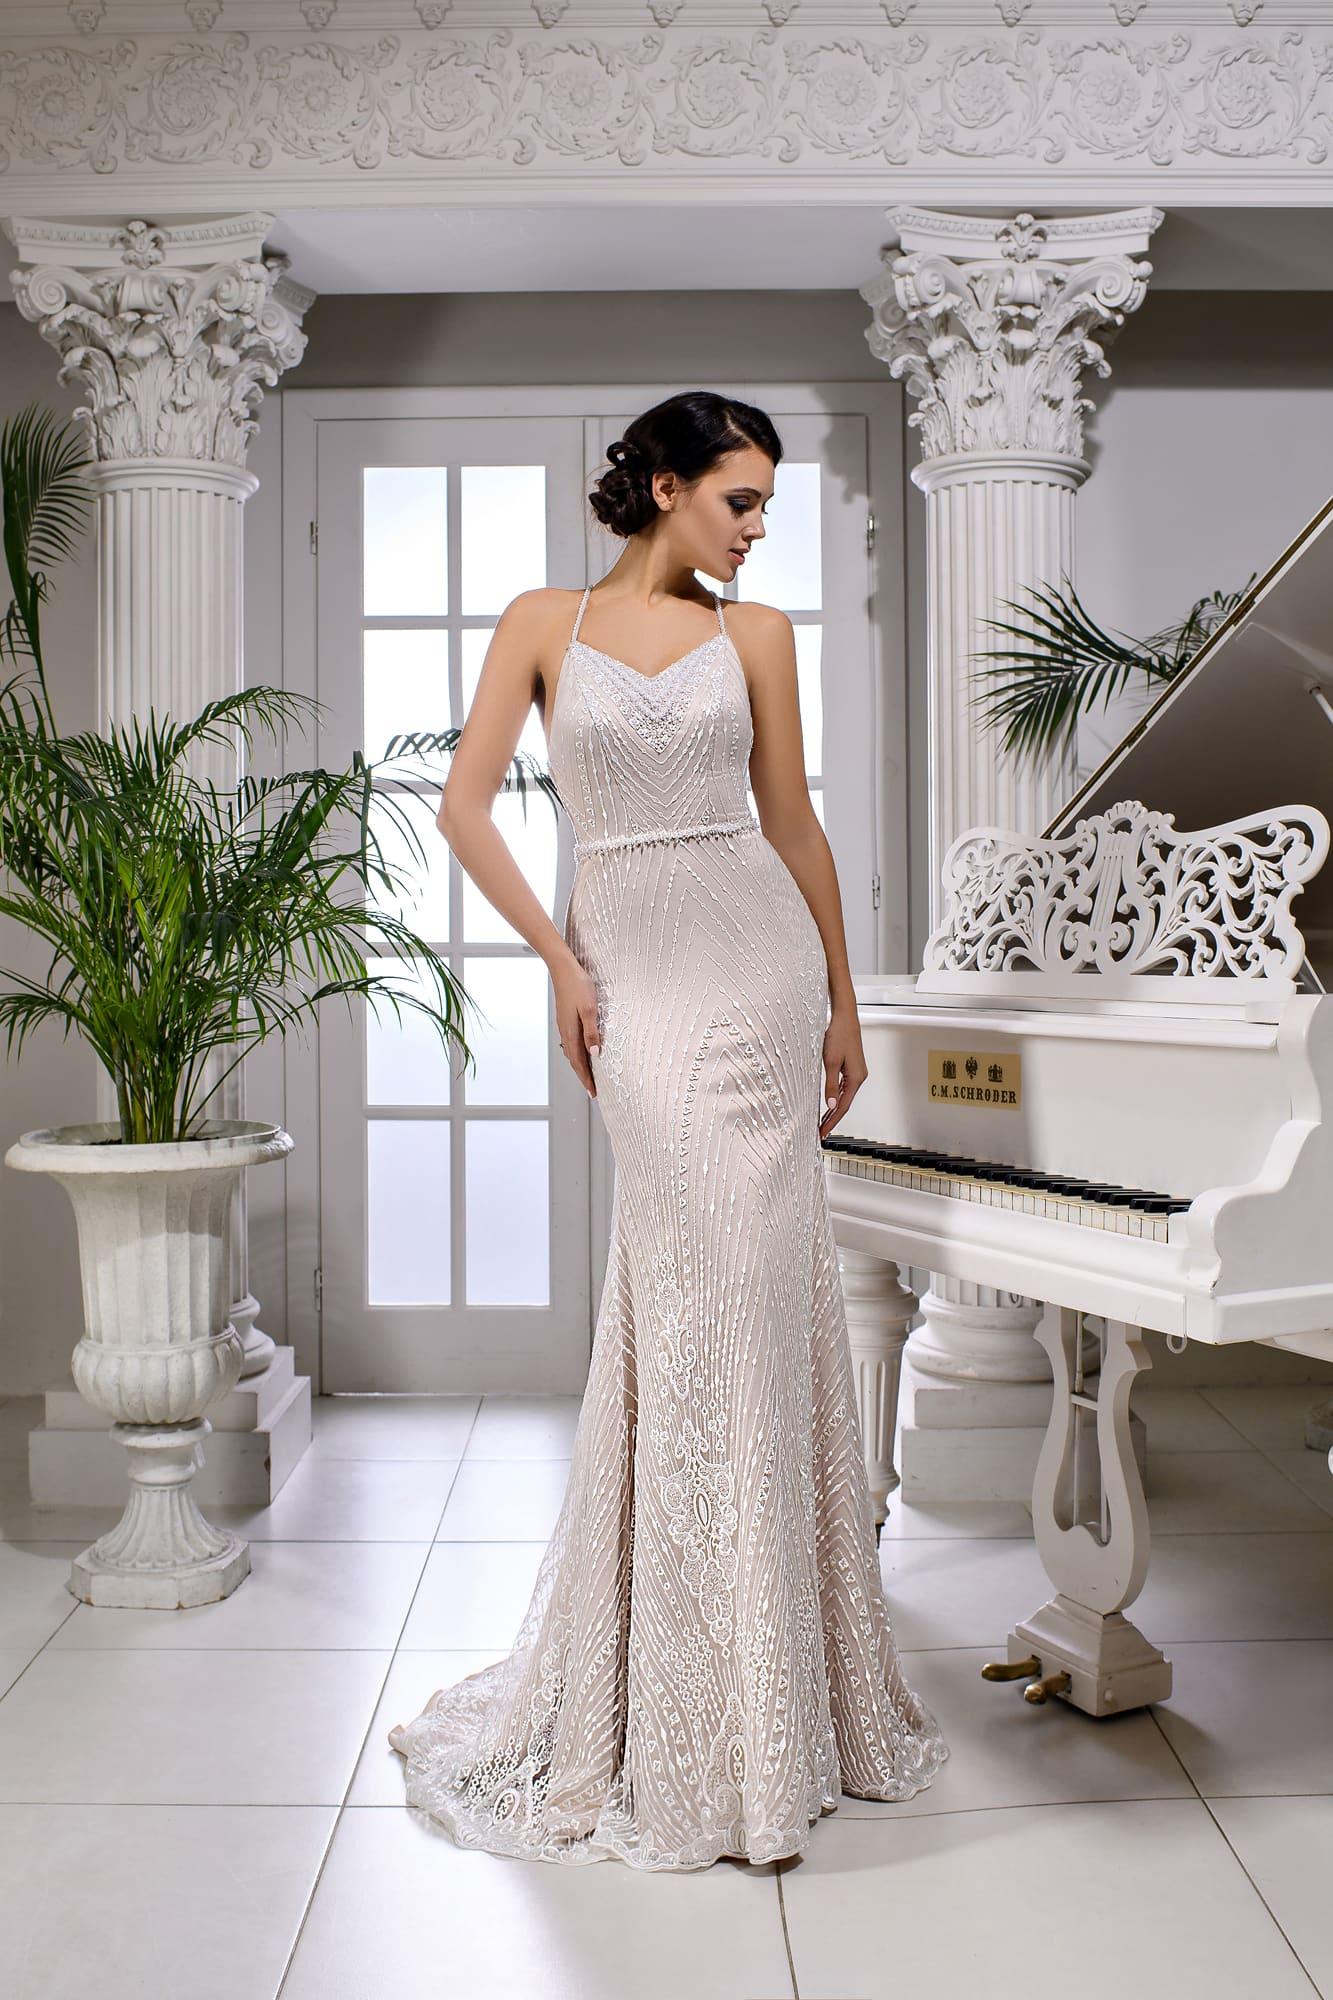 3f5f7d4639fb Свадебное платье Kira Nova Ebby ▷ Свадебный Торговый Центр Вега в ...